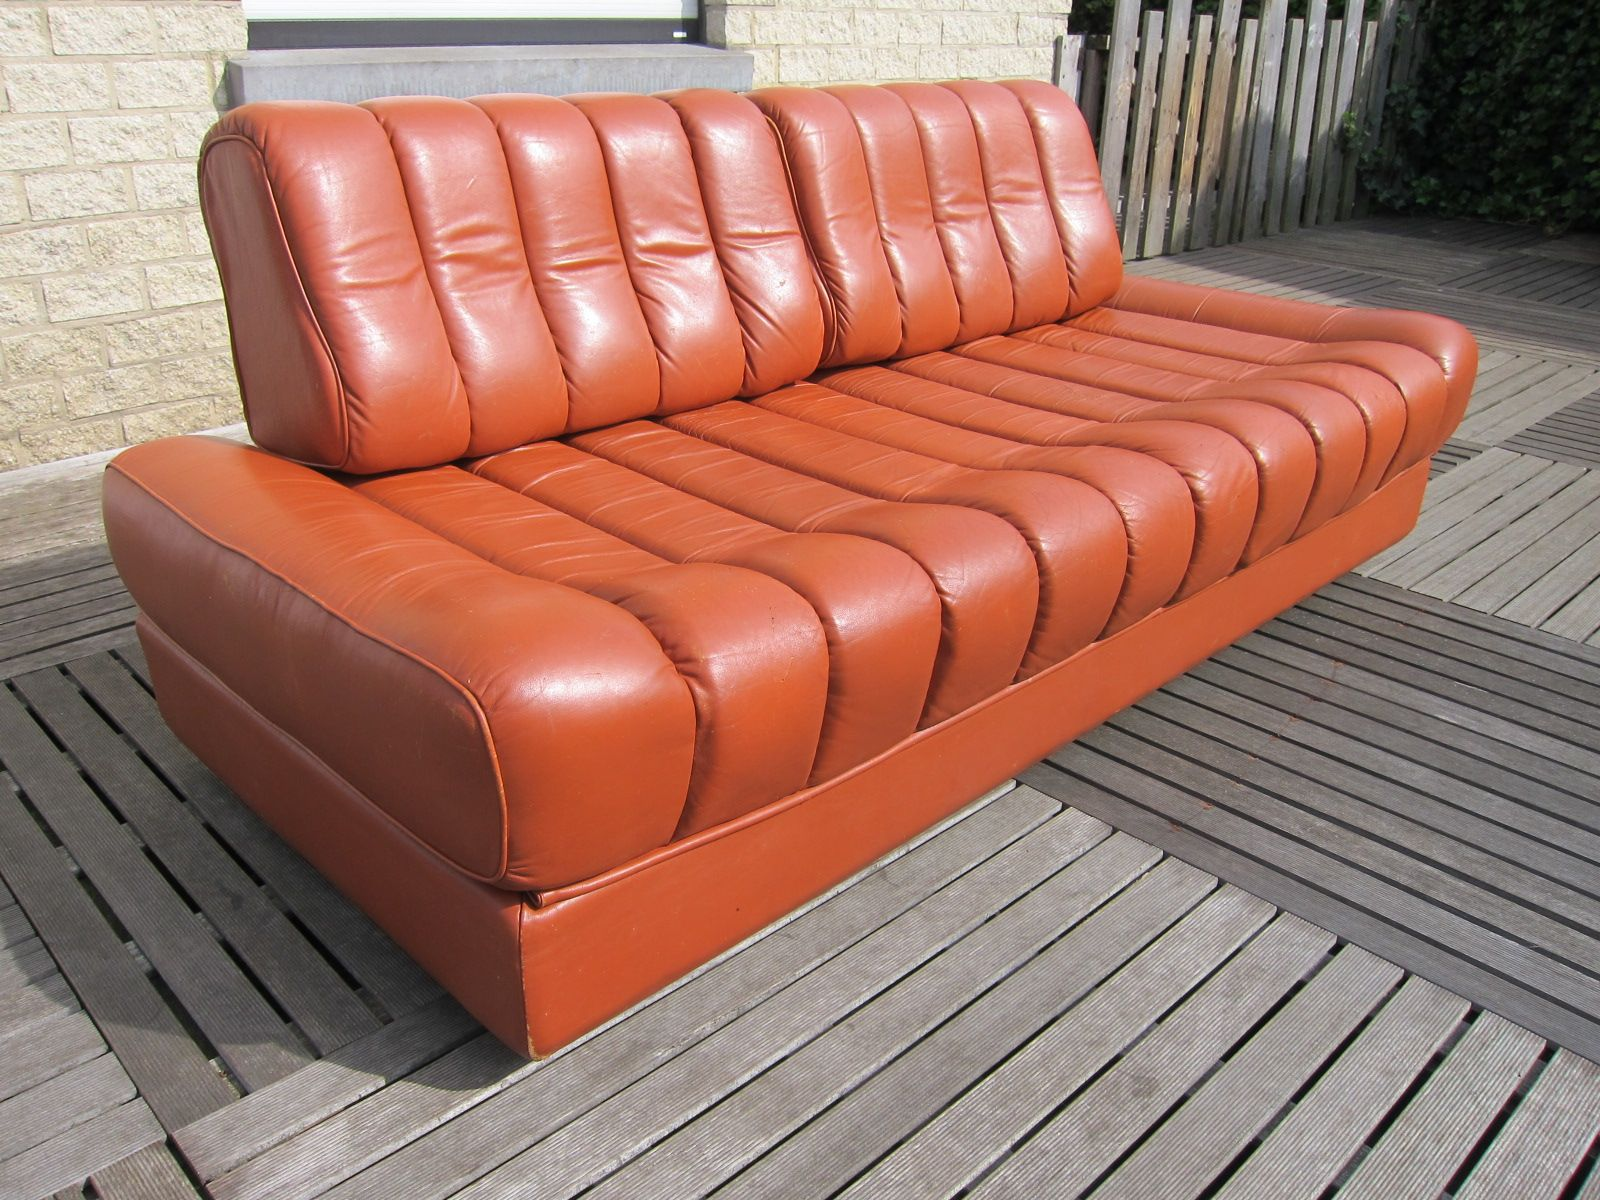 vintage ds 85 schlafsofa aus orange braunem leder von de sede bei pamono kaufen. Black Bedroom Furniture Sets. Home Design Ideas